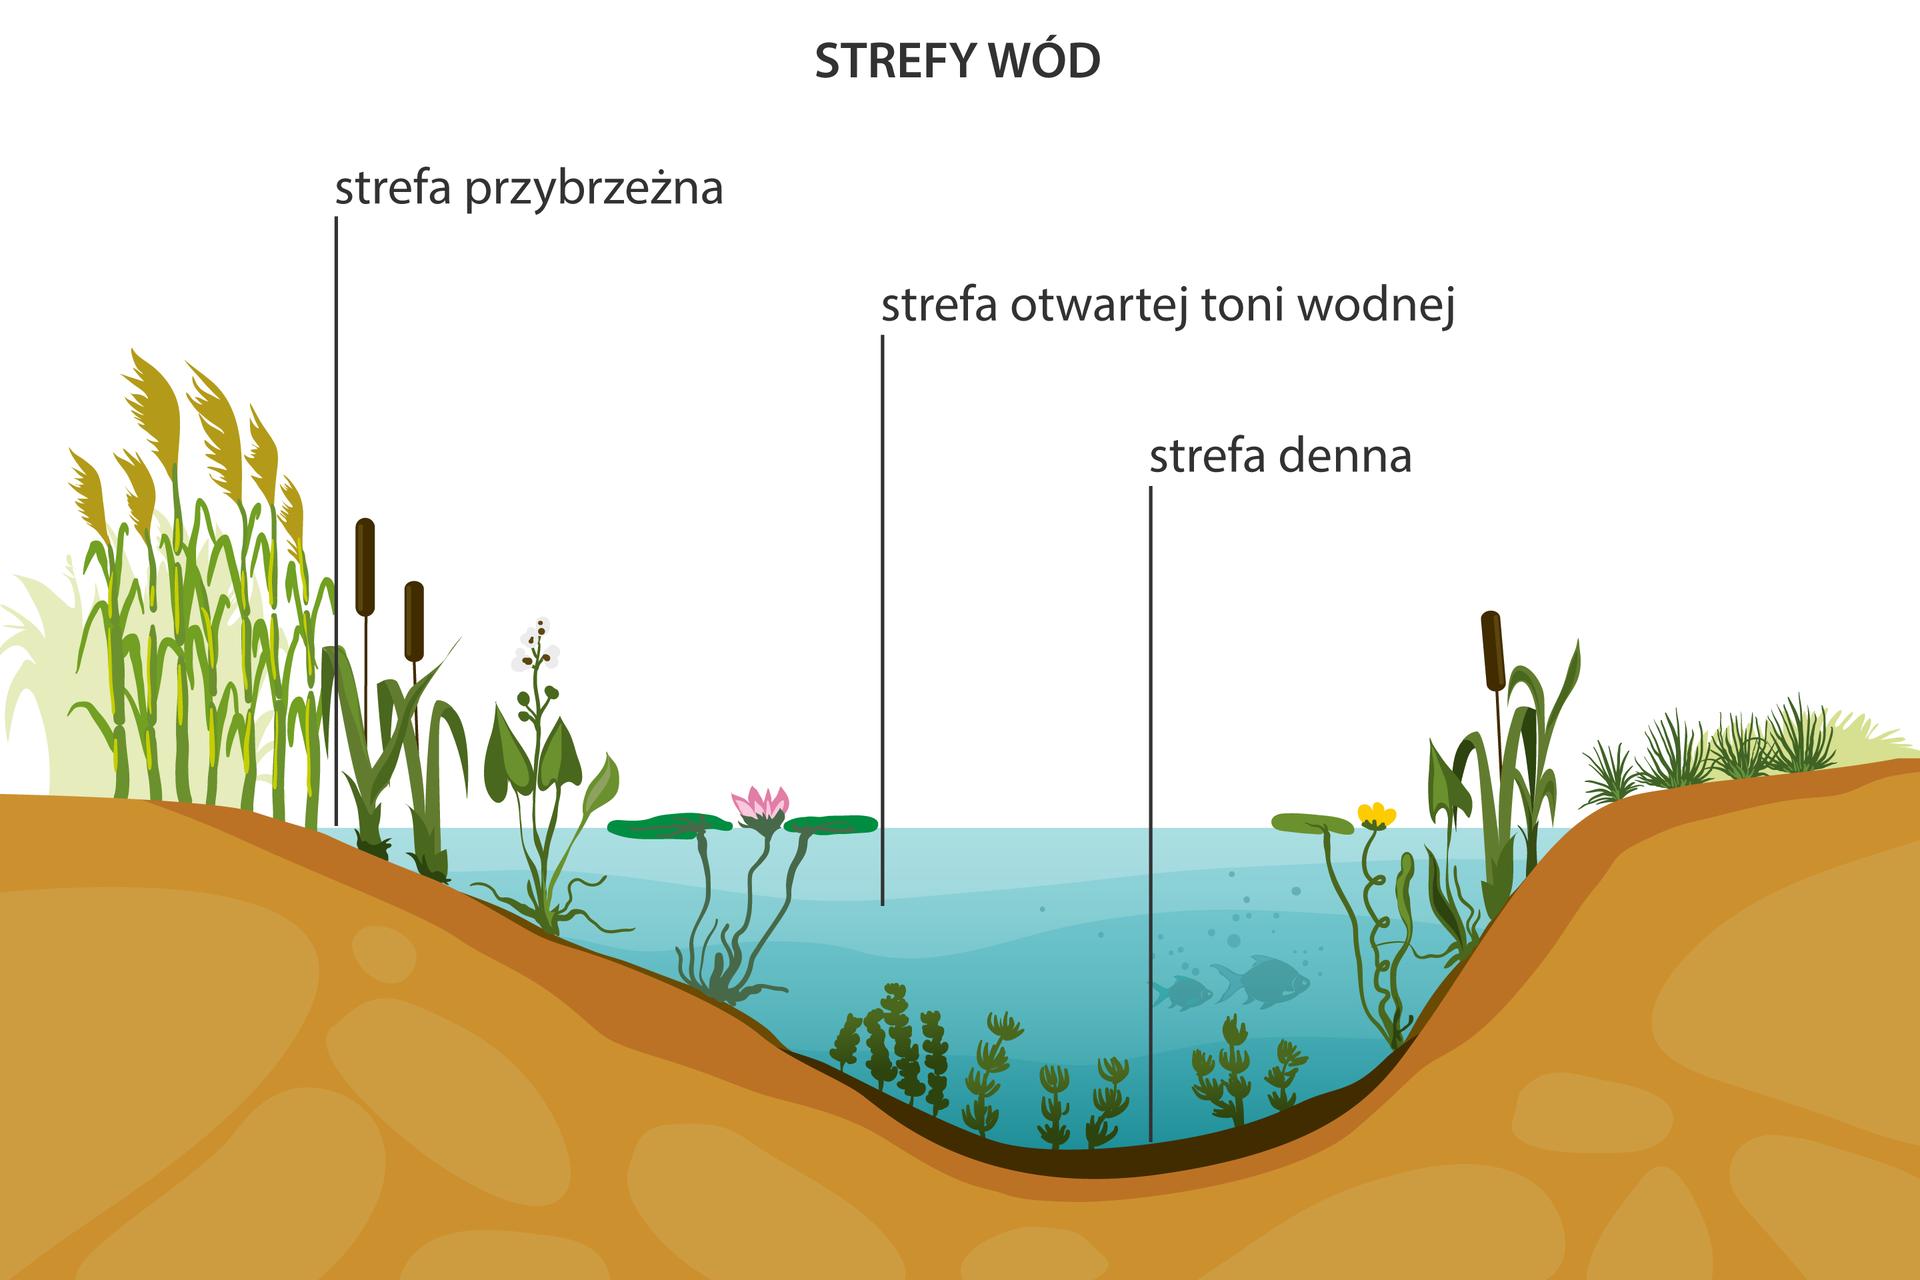 Ilustracja prezentuje przekrój przez jezioro oraz jego brzegi. Zagłębienie jeziora wypełnione jest wodą. Na dnie znajdują się całkowicie zanurzone rośliny. Jest to strefa przydenna. Nad nią znajduje się strefa otwartej toni wodnej, wktórej pływają ryby. Przy brzegu występuje strefa przybrzeżna zrosnącą tam pałką wodną, trzcinami, strzałką wodną igrzybieniami.